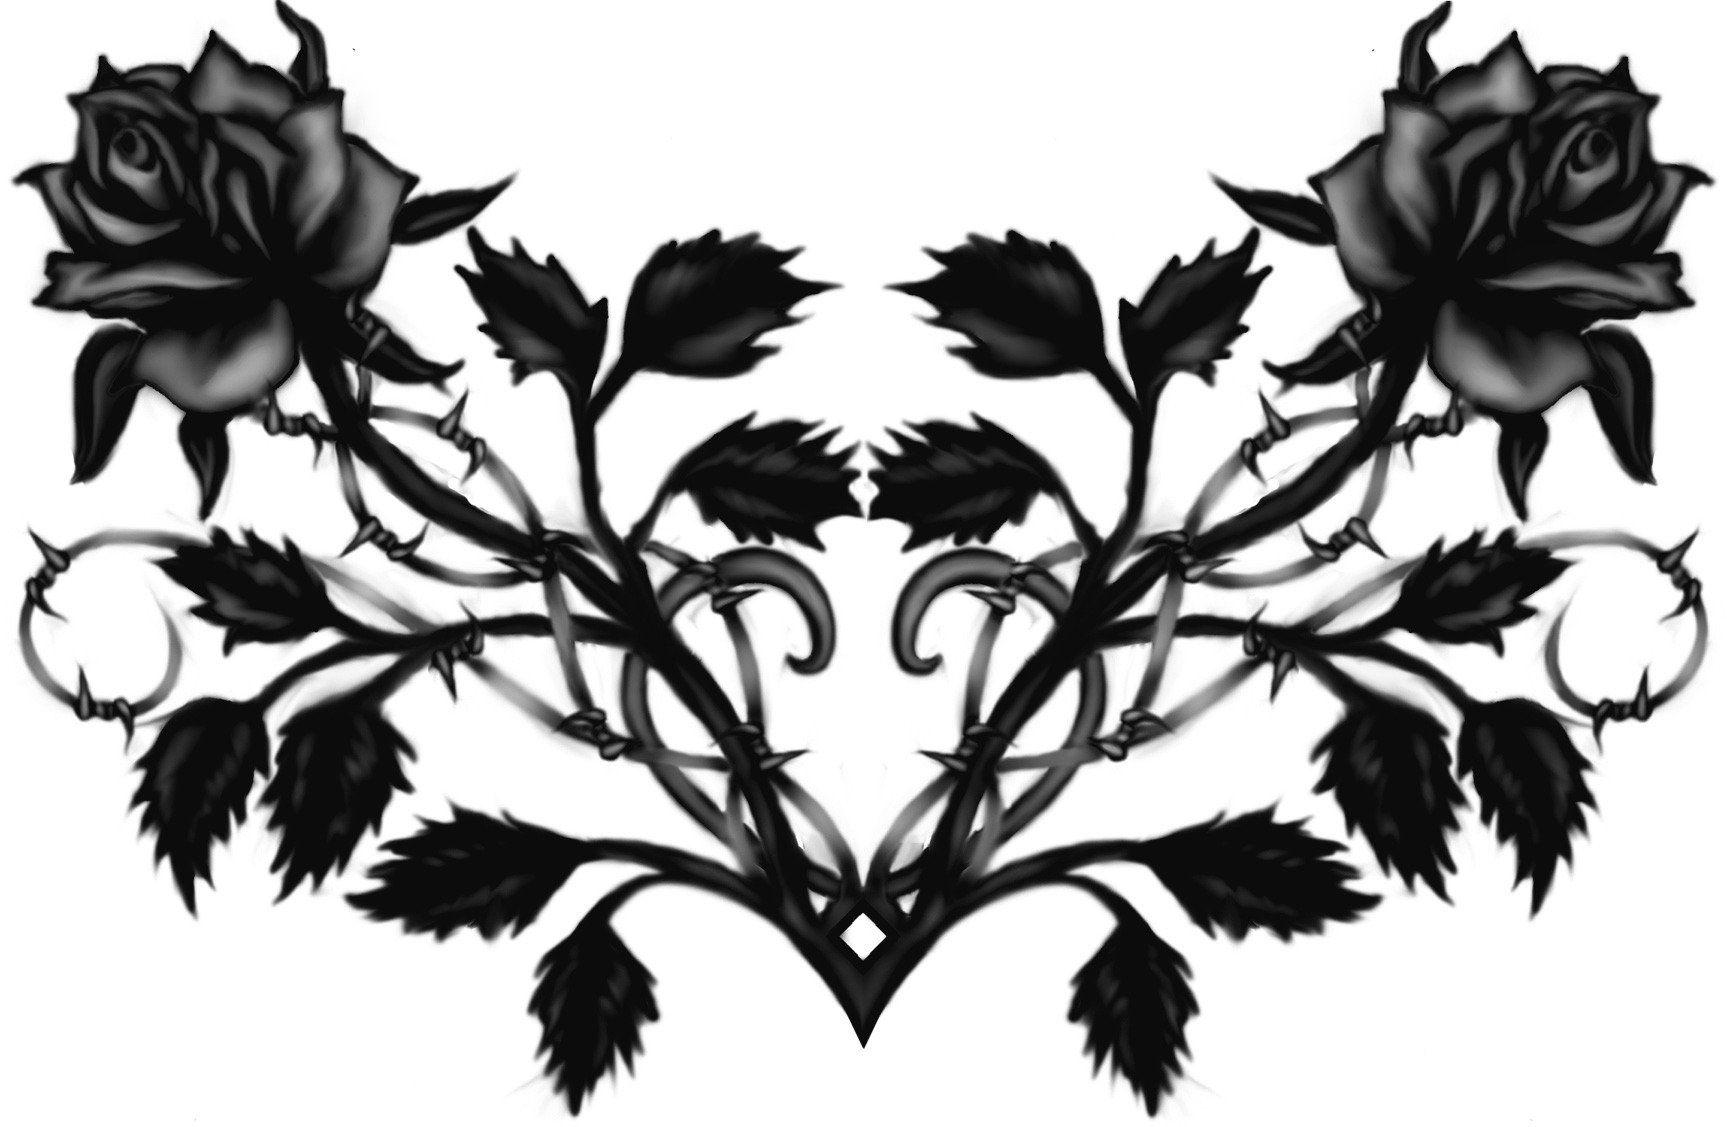 Publicado En Vive La Musica Tatuagens De Rosas Negras Tatuagem Gotica Tatuagem Nas Costas